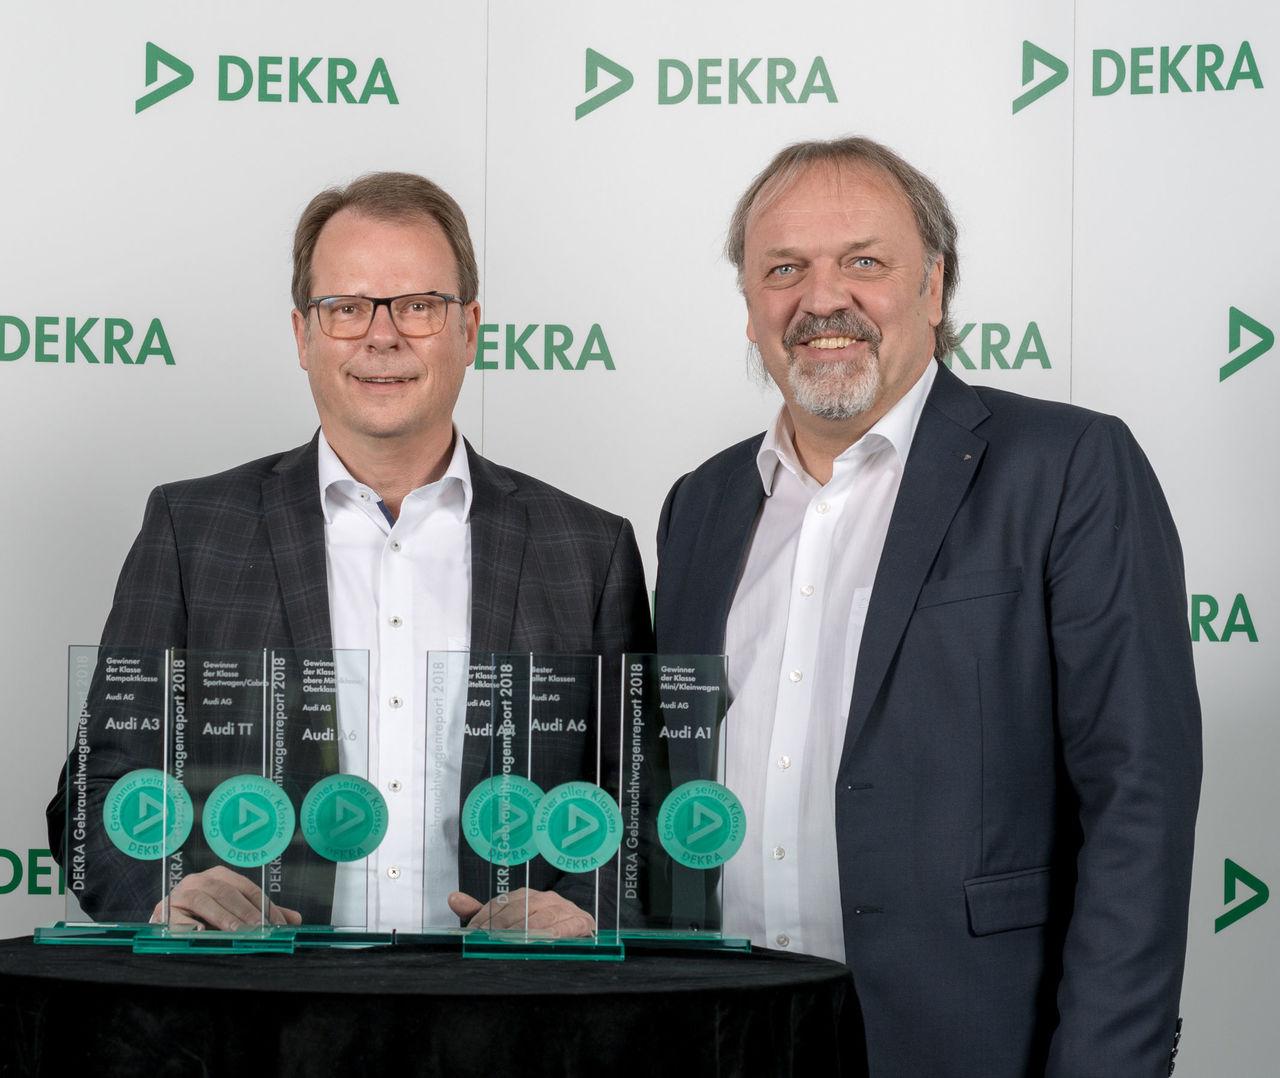 Audi top brand in  ||DEKRA Used Car Report 2018